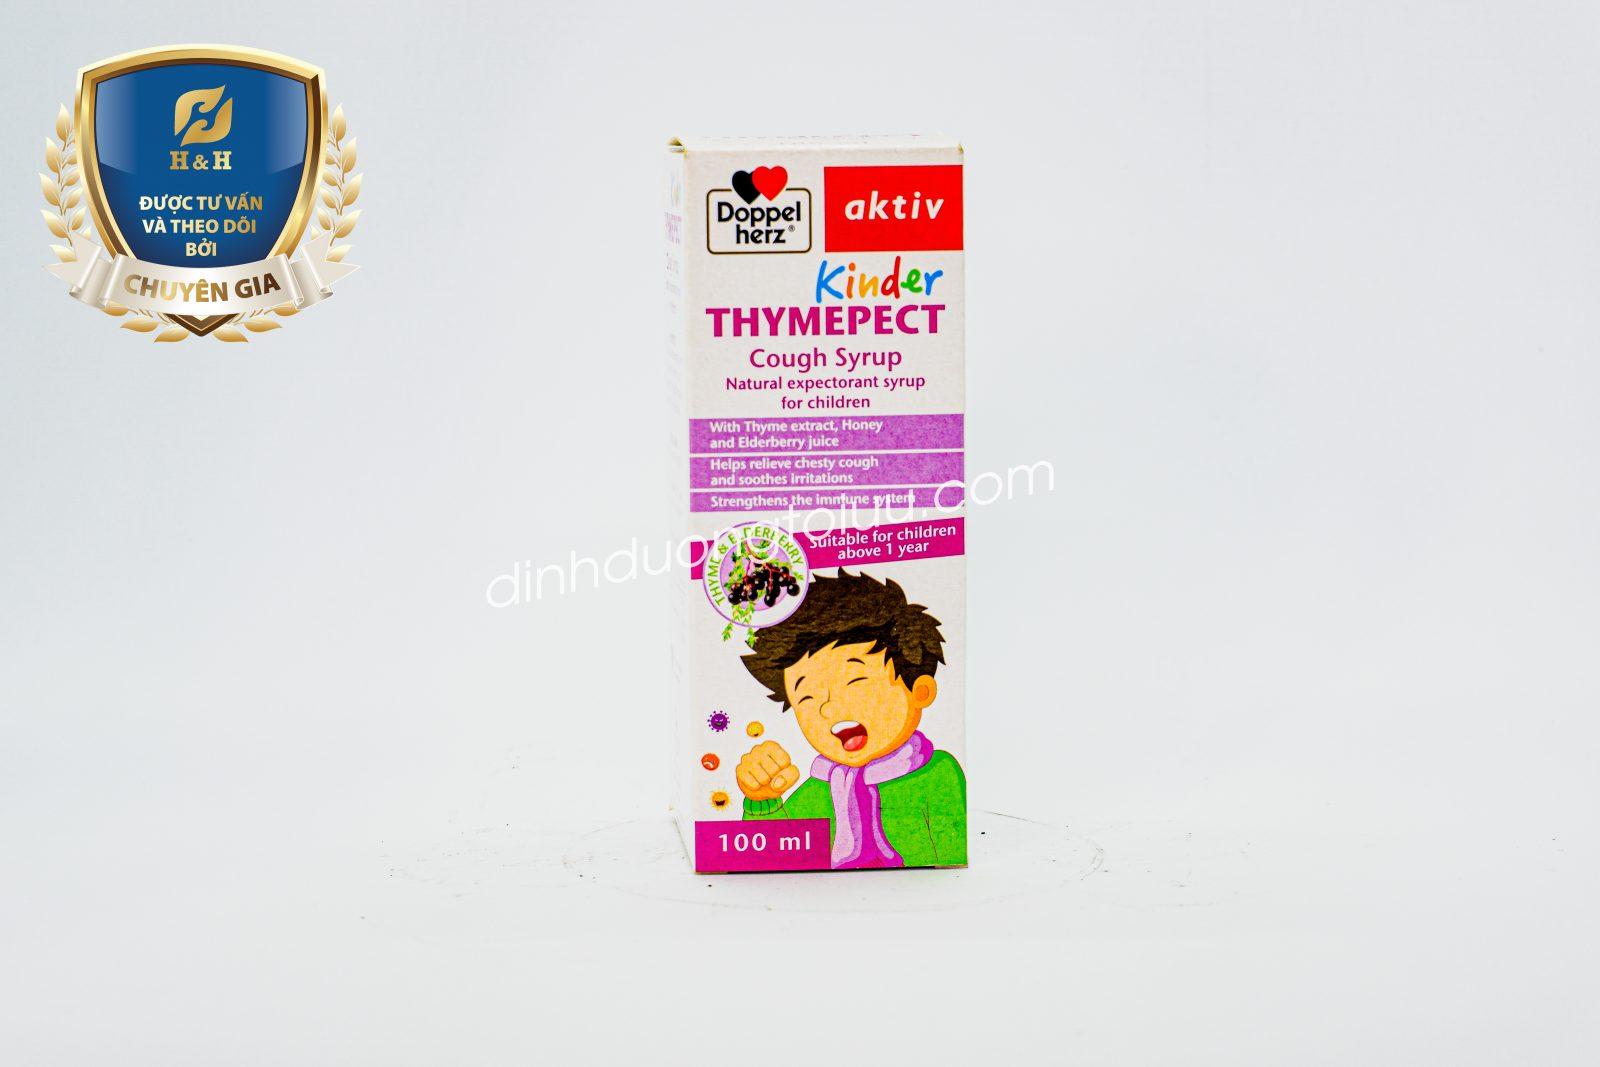 Doppelherz Aktiv KINDER THYMEPECT - Thuốc ho số 1 tại Đức